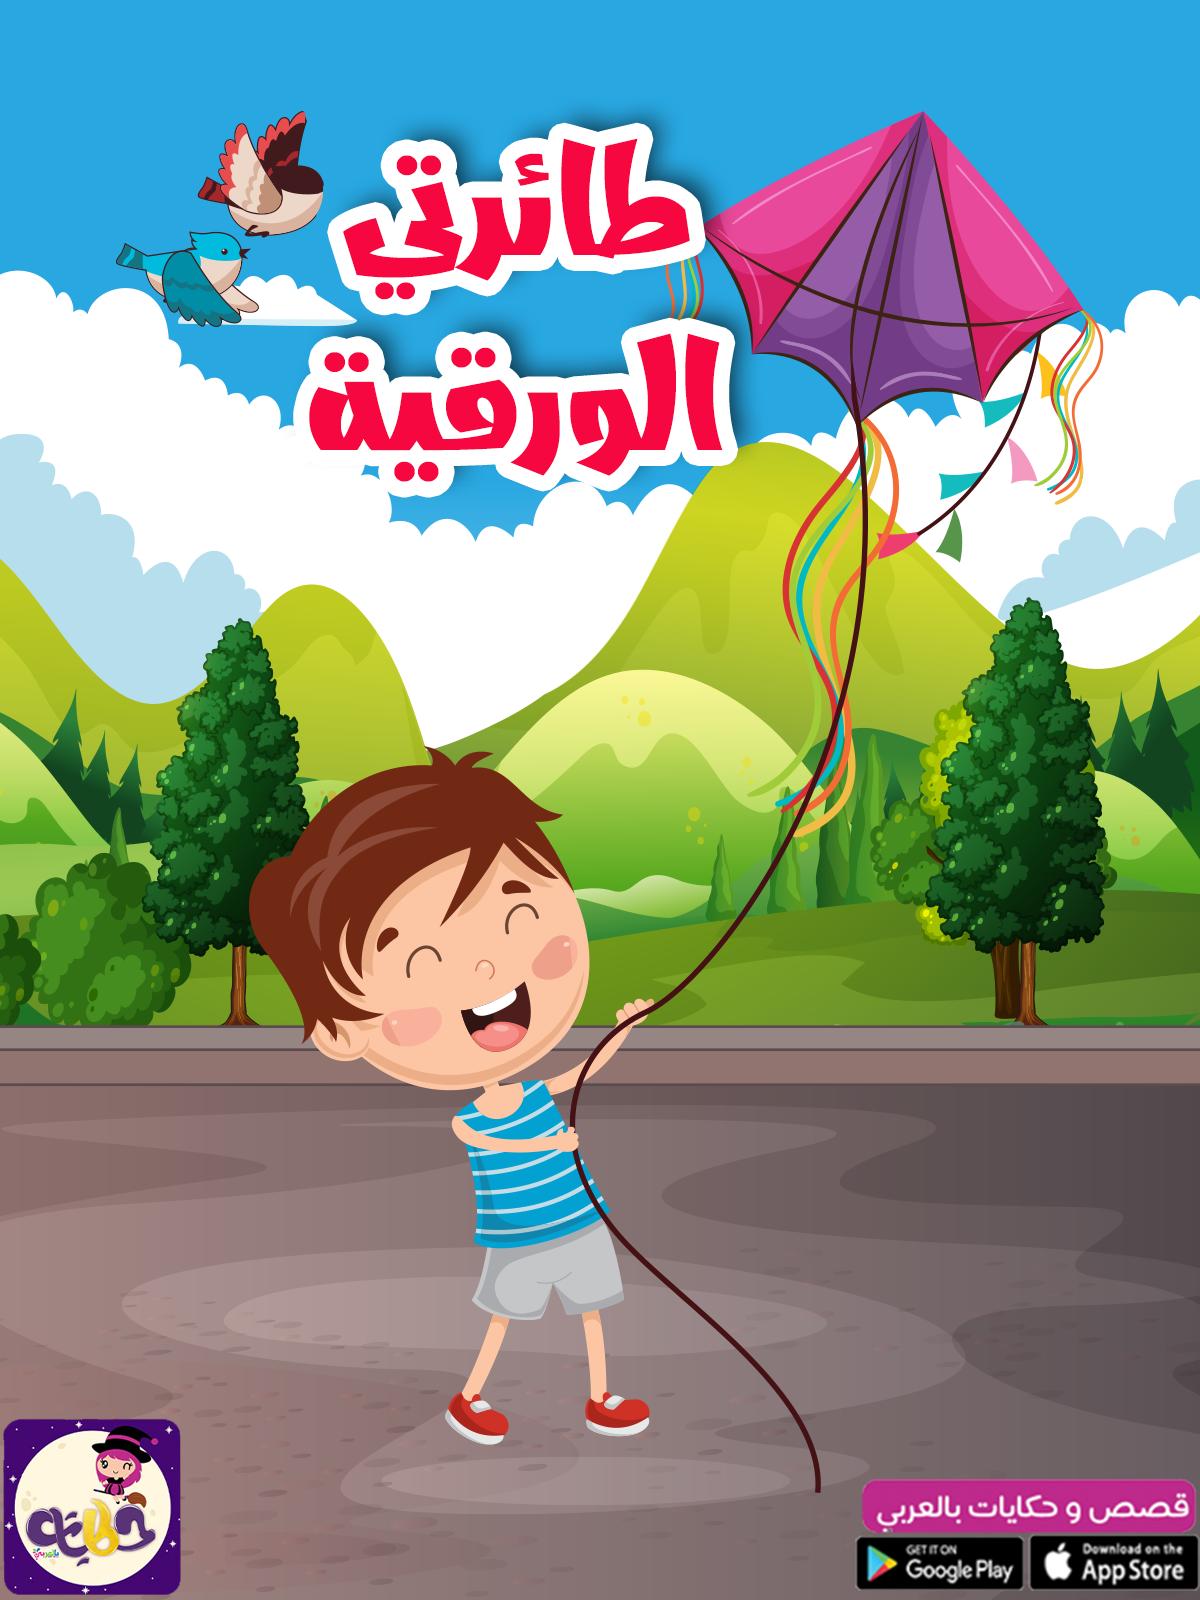 قصة طائرتي الورقية قصص الصيف مصورة للاطفال تطبيق حكايات بالعربي Arabic Kids Rainy Wallpaper Stories For Kids